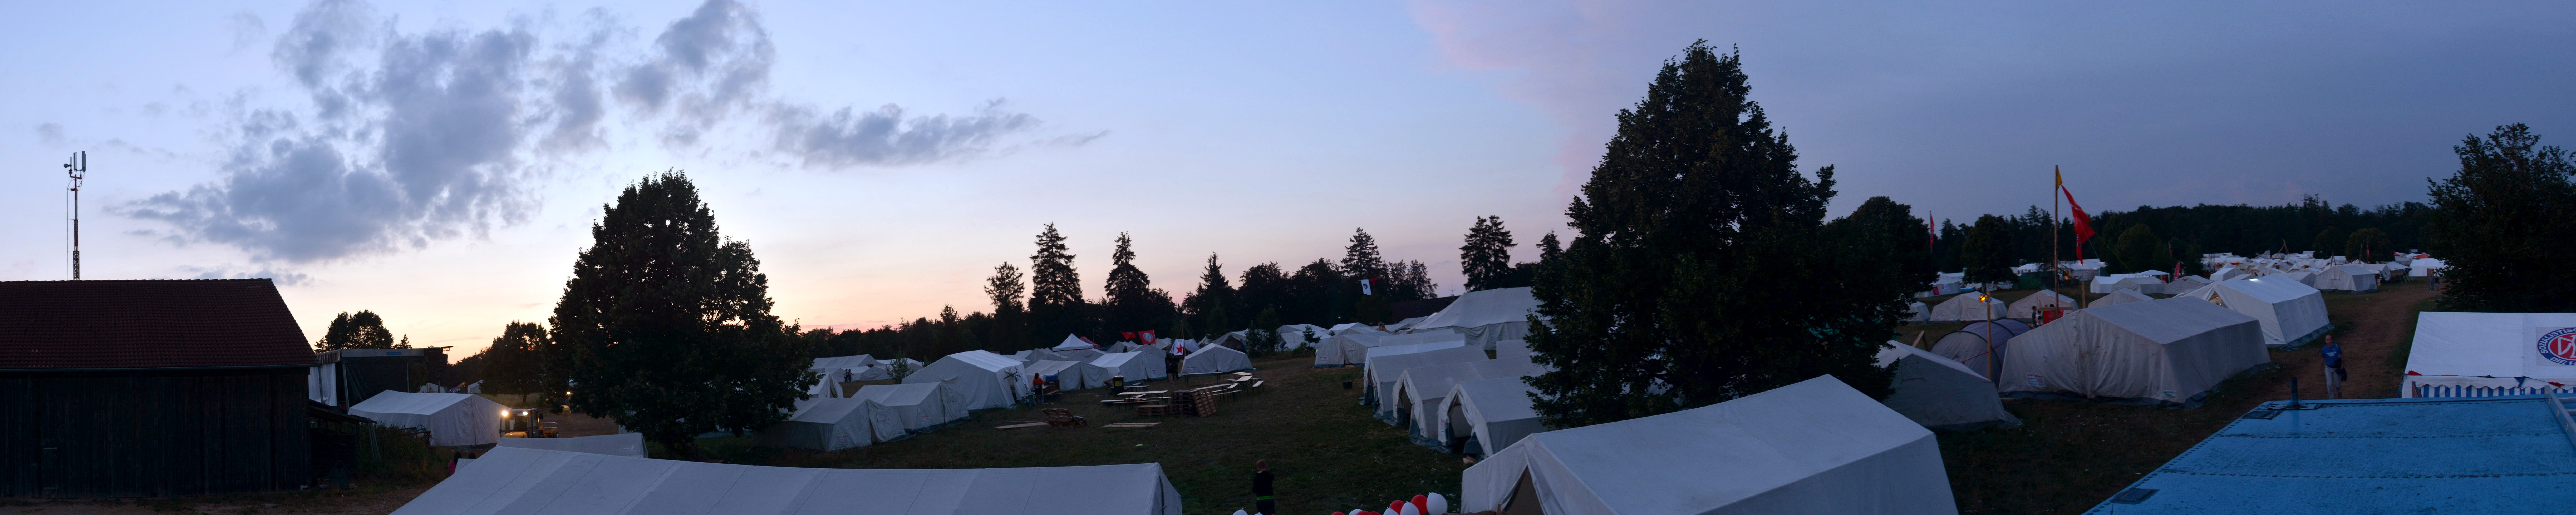 IFM Camp 2016